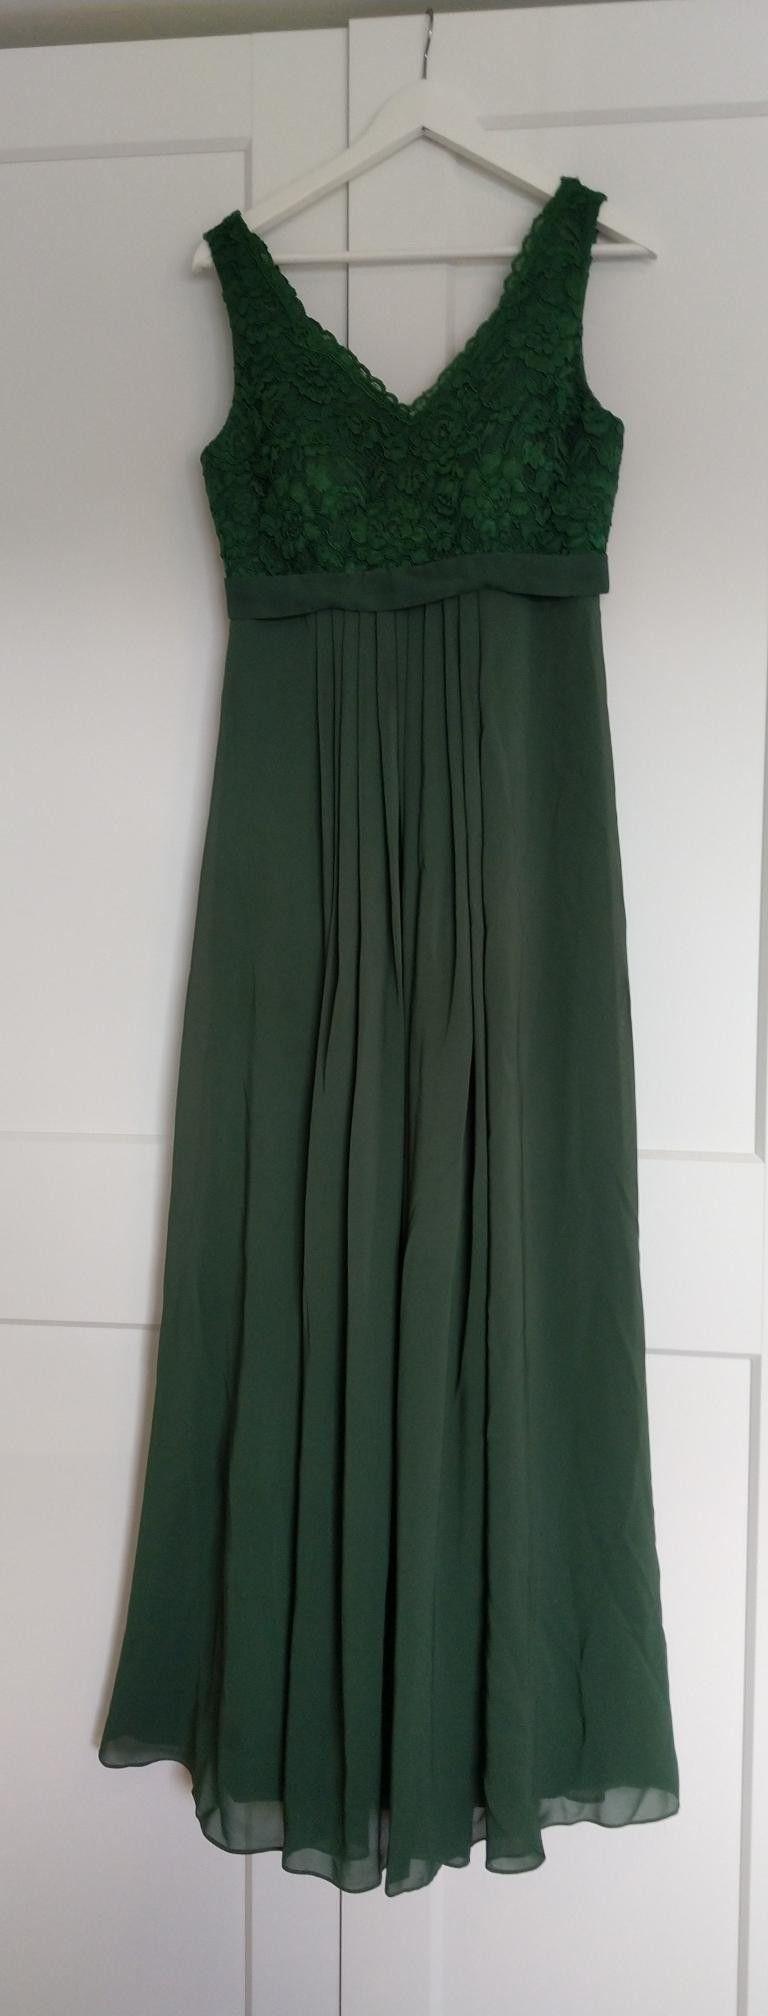 9b3b8354 Nydelig grønn selskapskjole | FINN.no